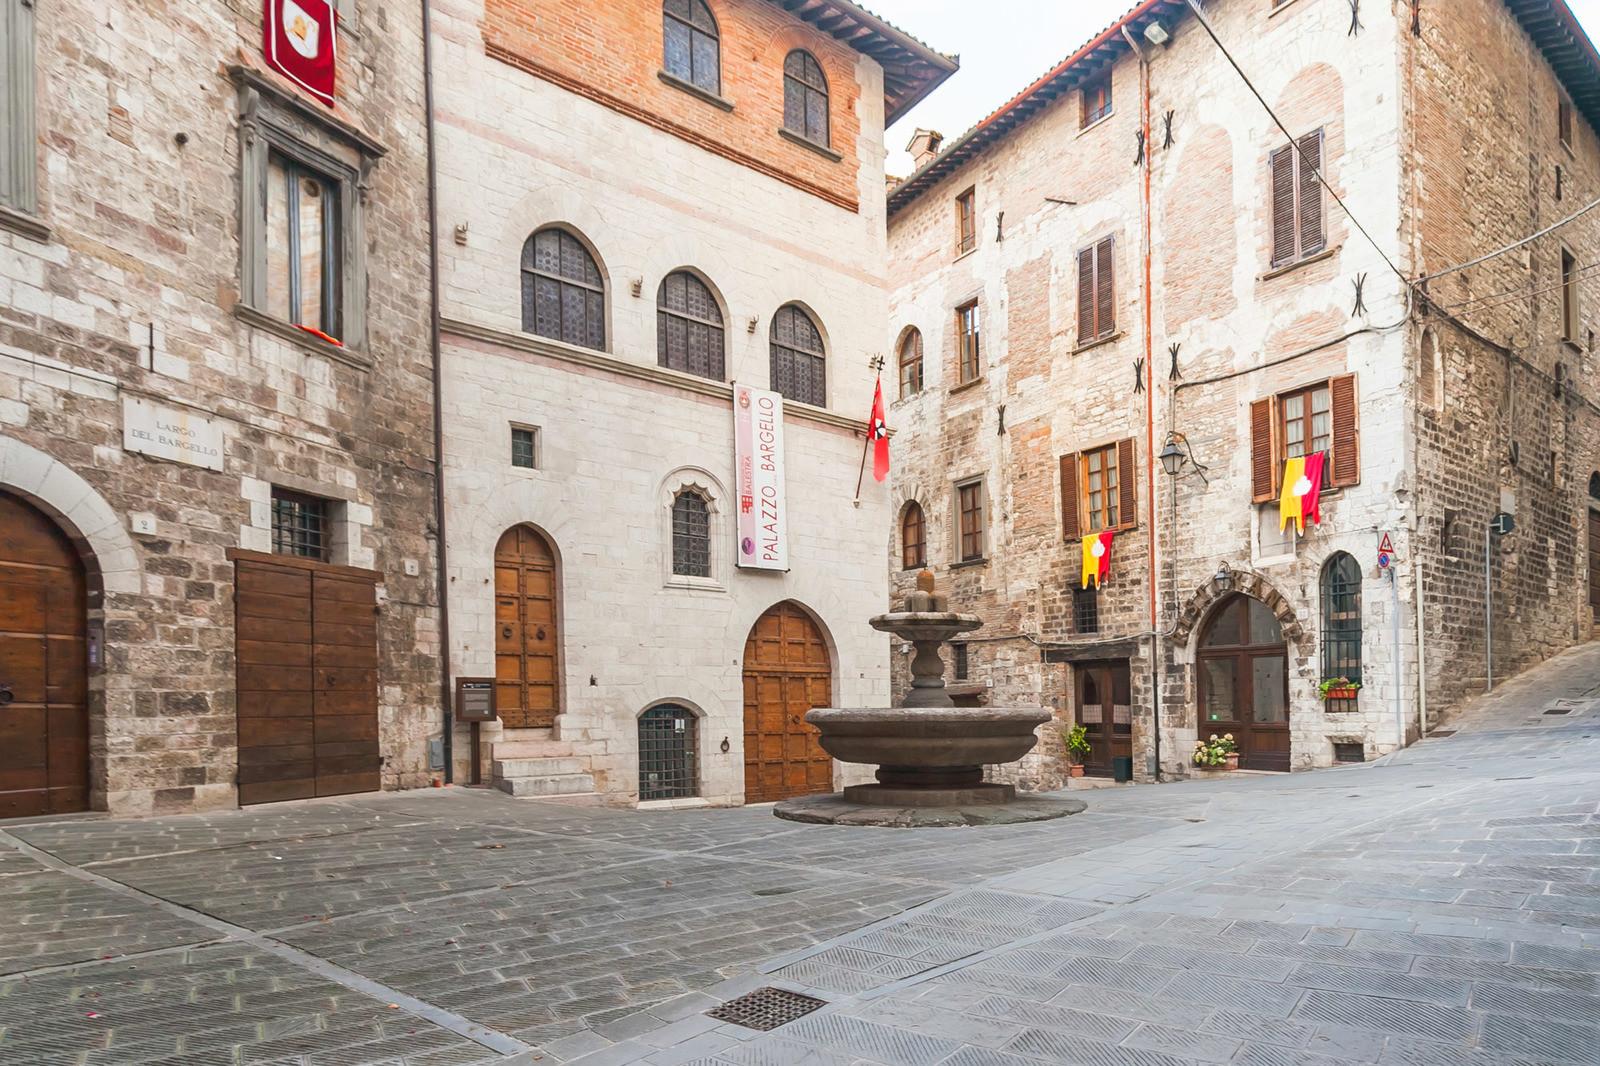 шерсти, кожи фото средневековой площади в италии почте помощью